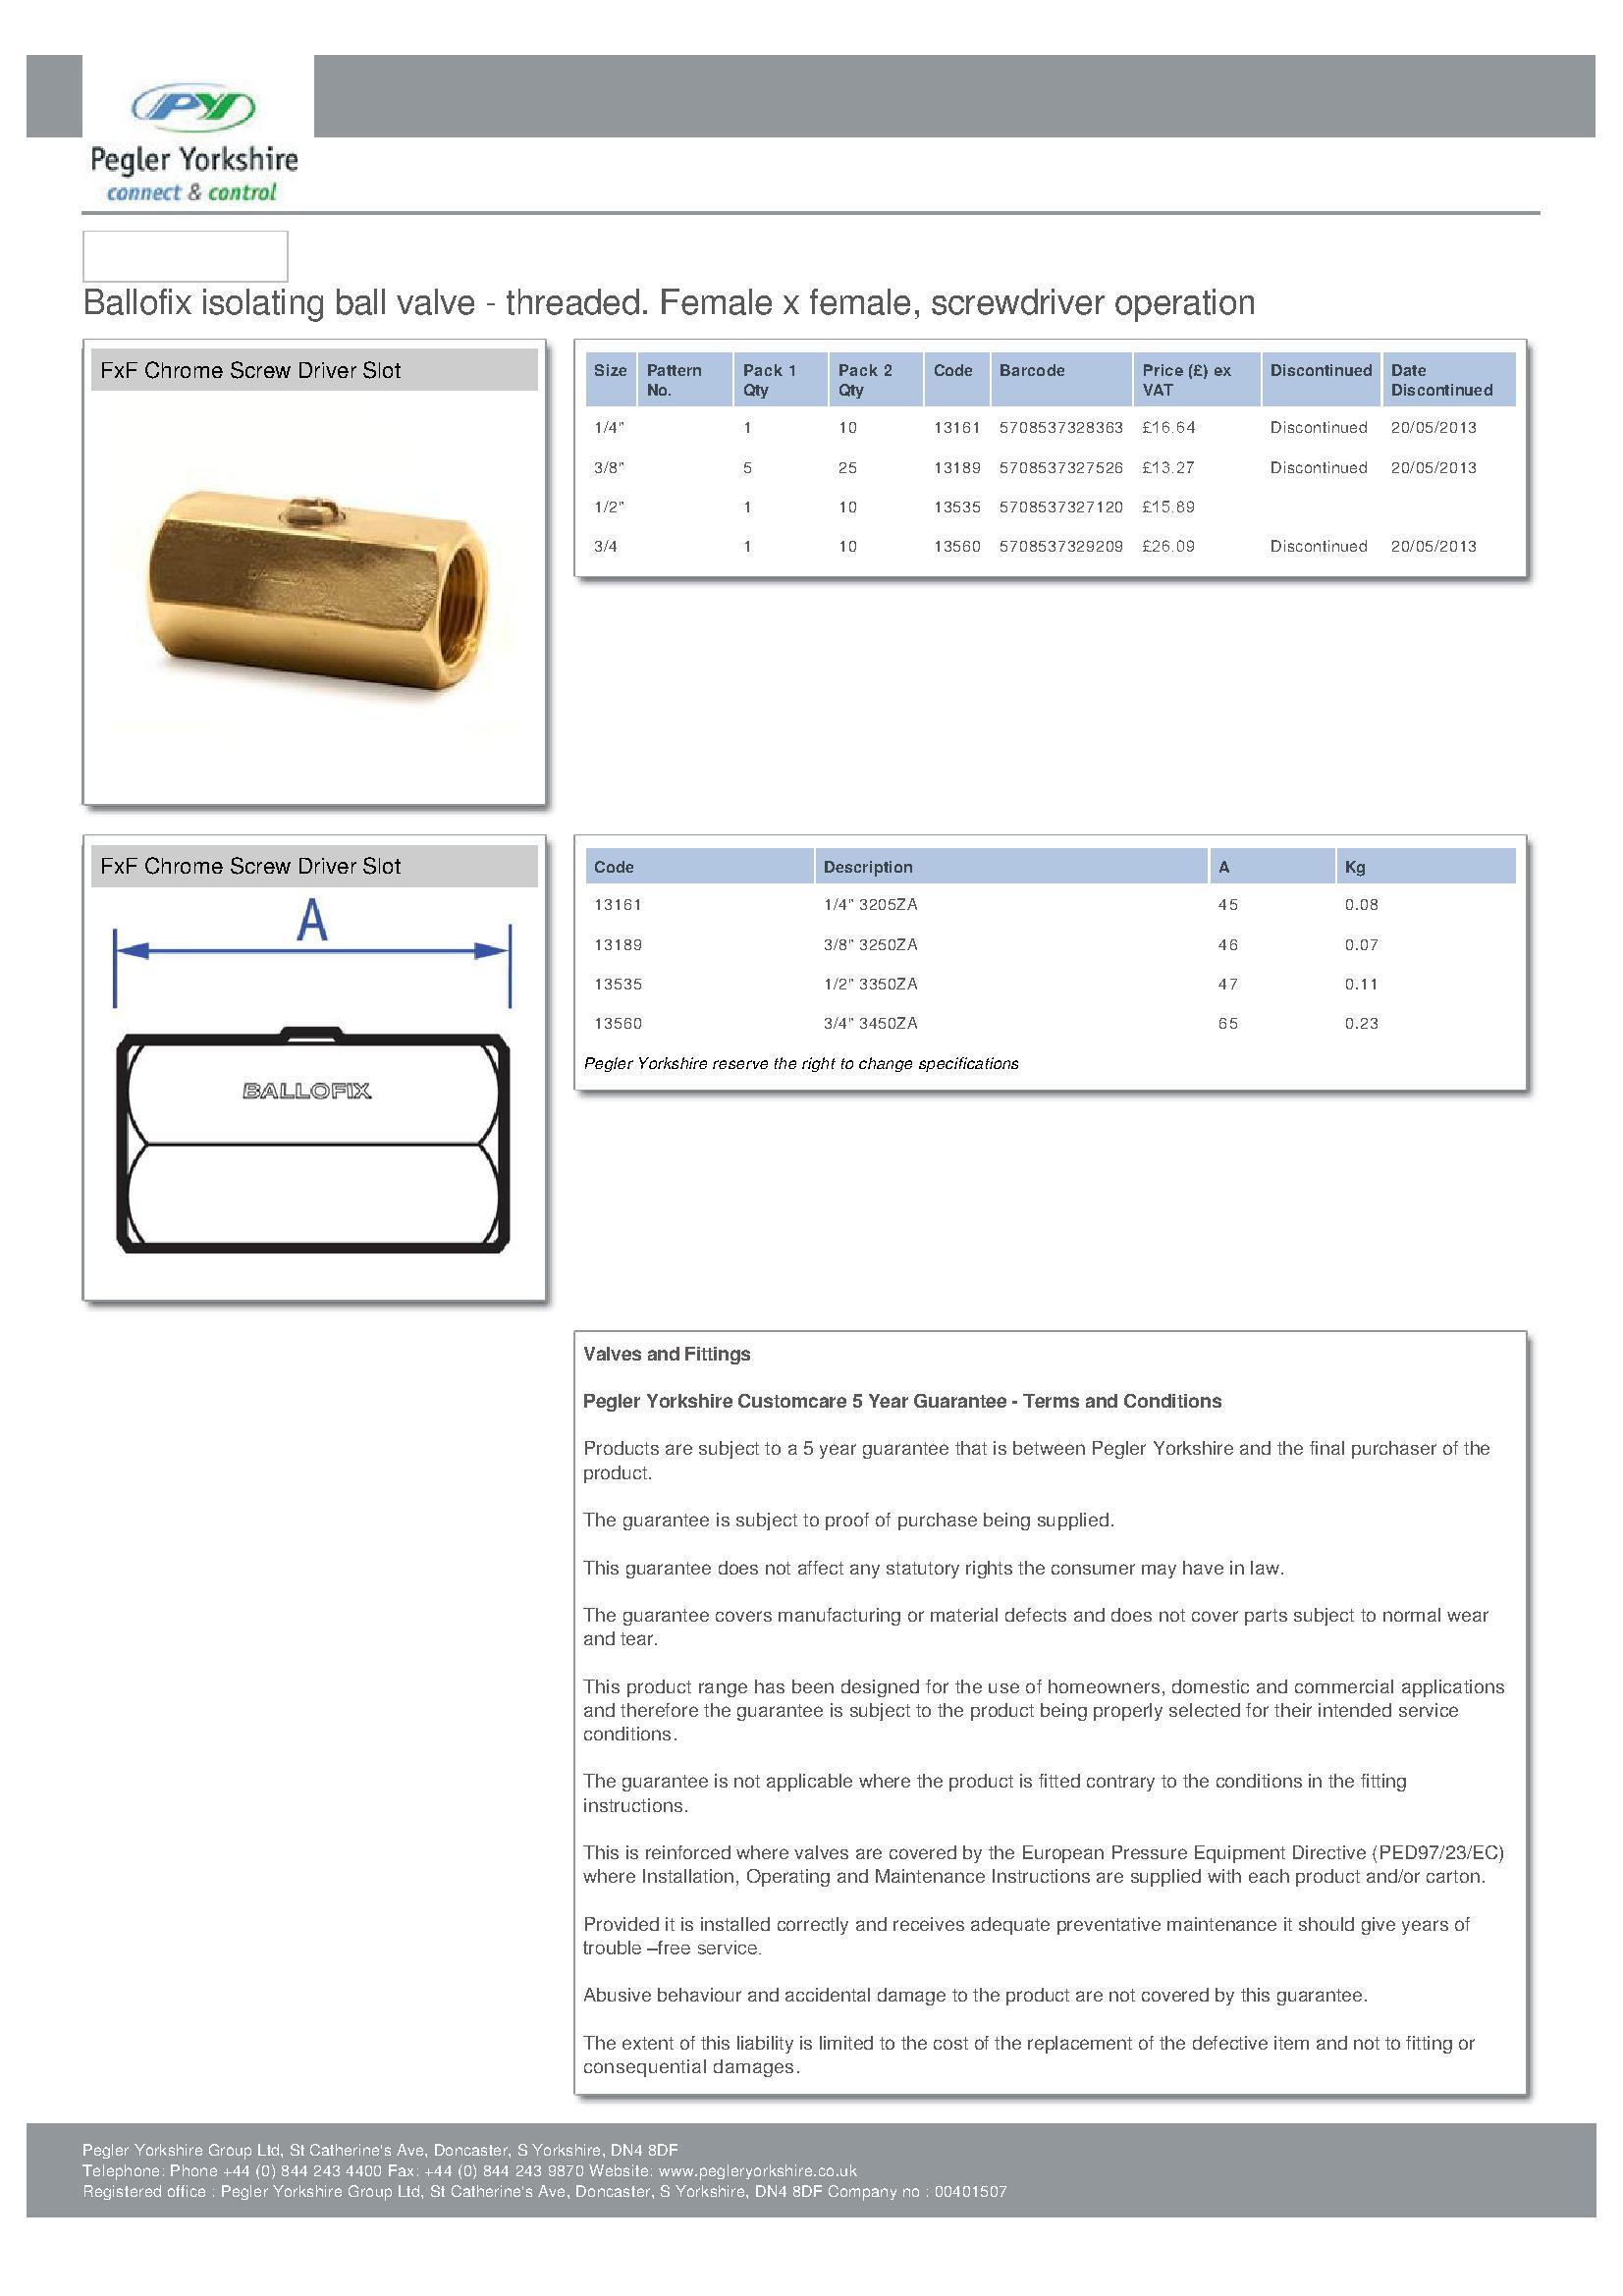 Ballofix 3450YA 3/4